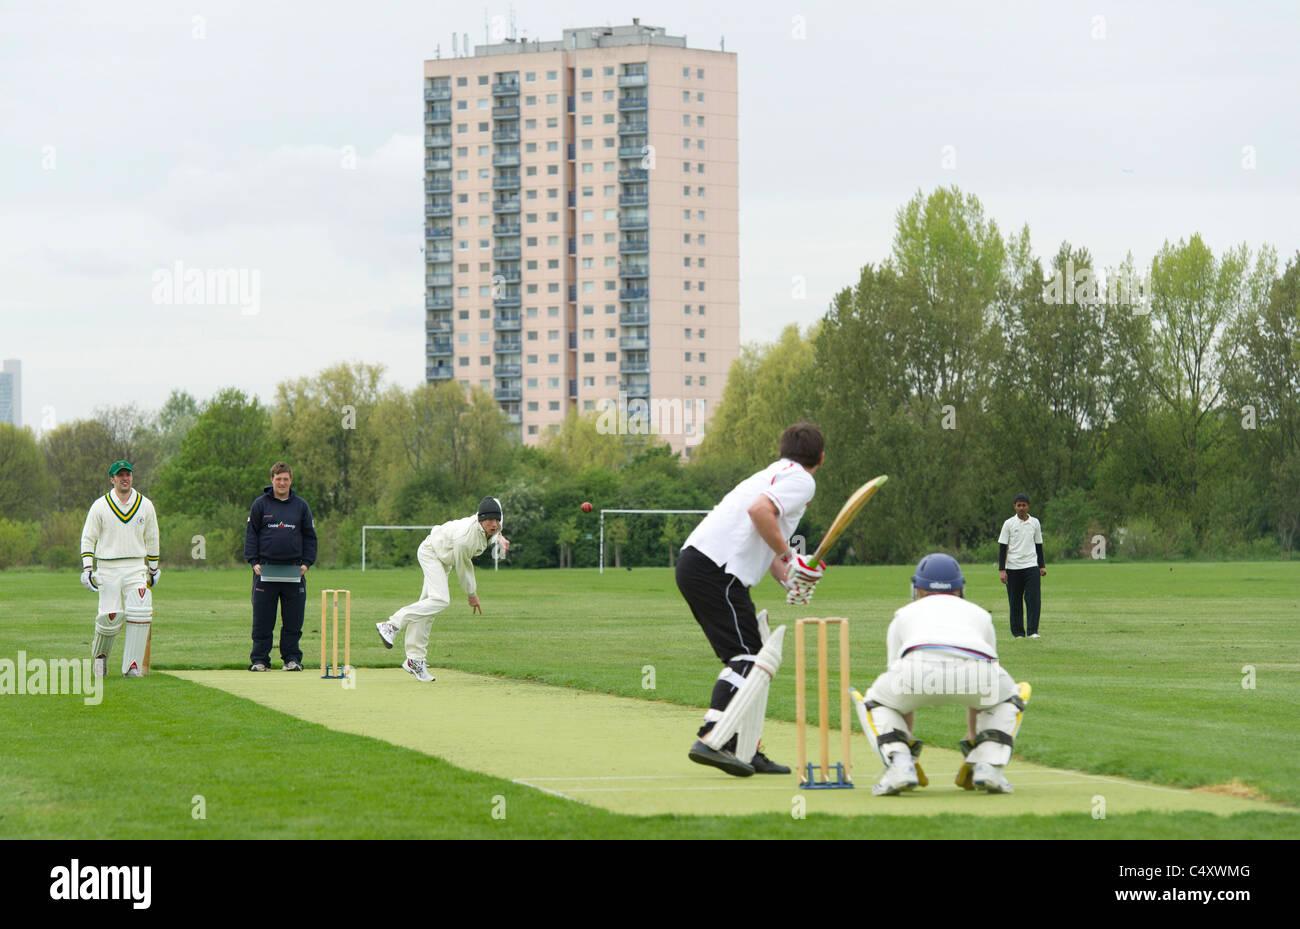 city 'council estate' cricket urban - Stock Image